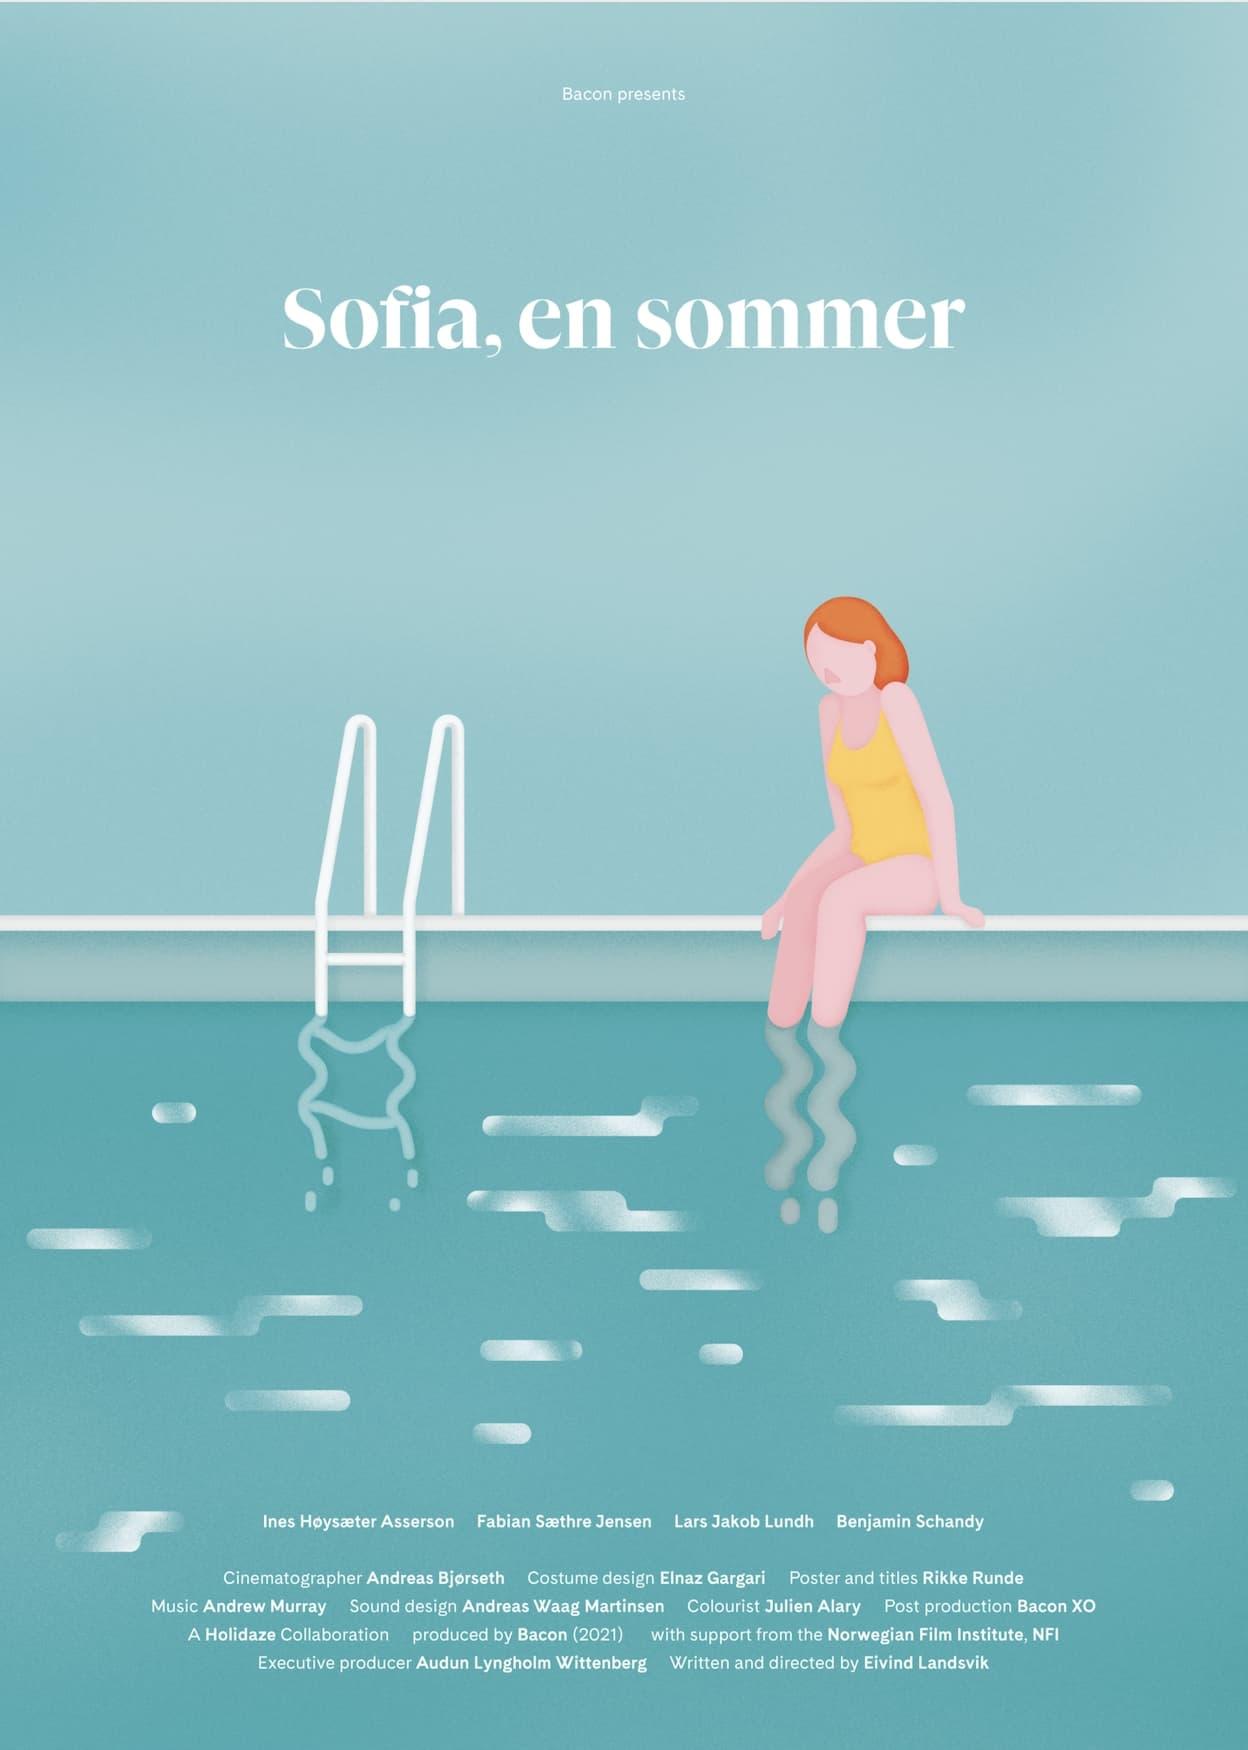 Sofia, en sommer